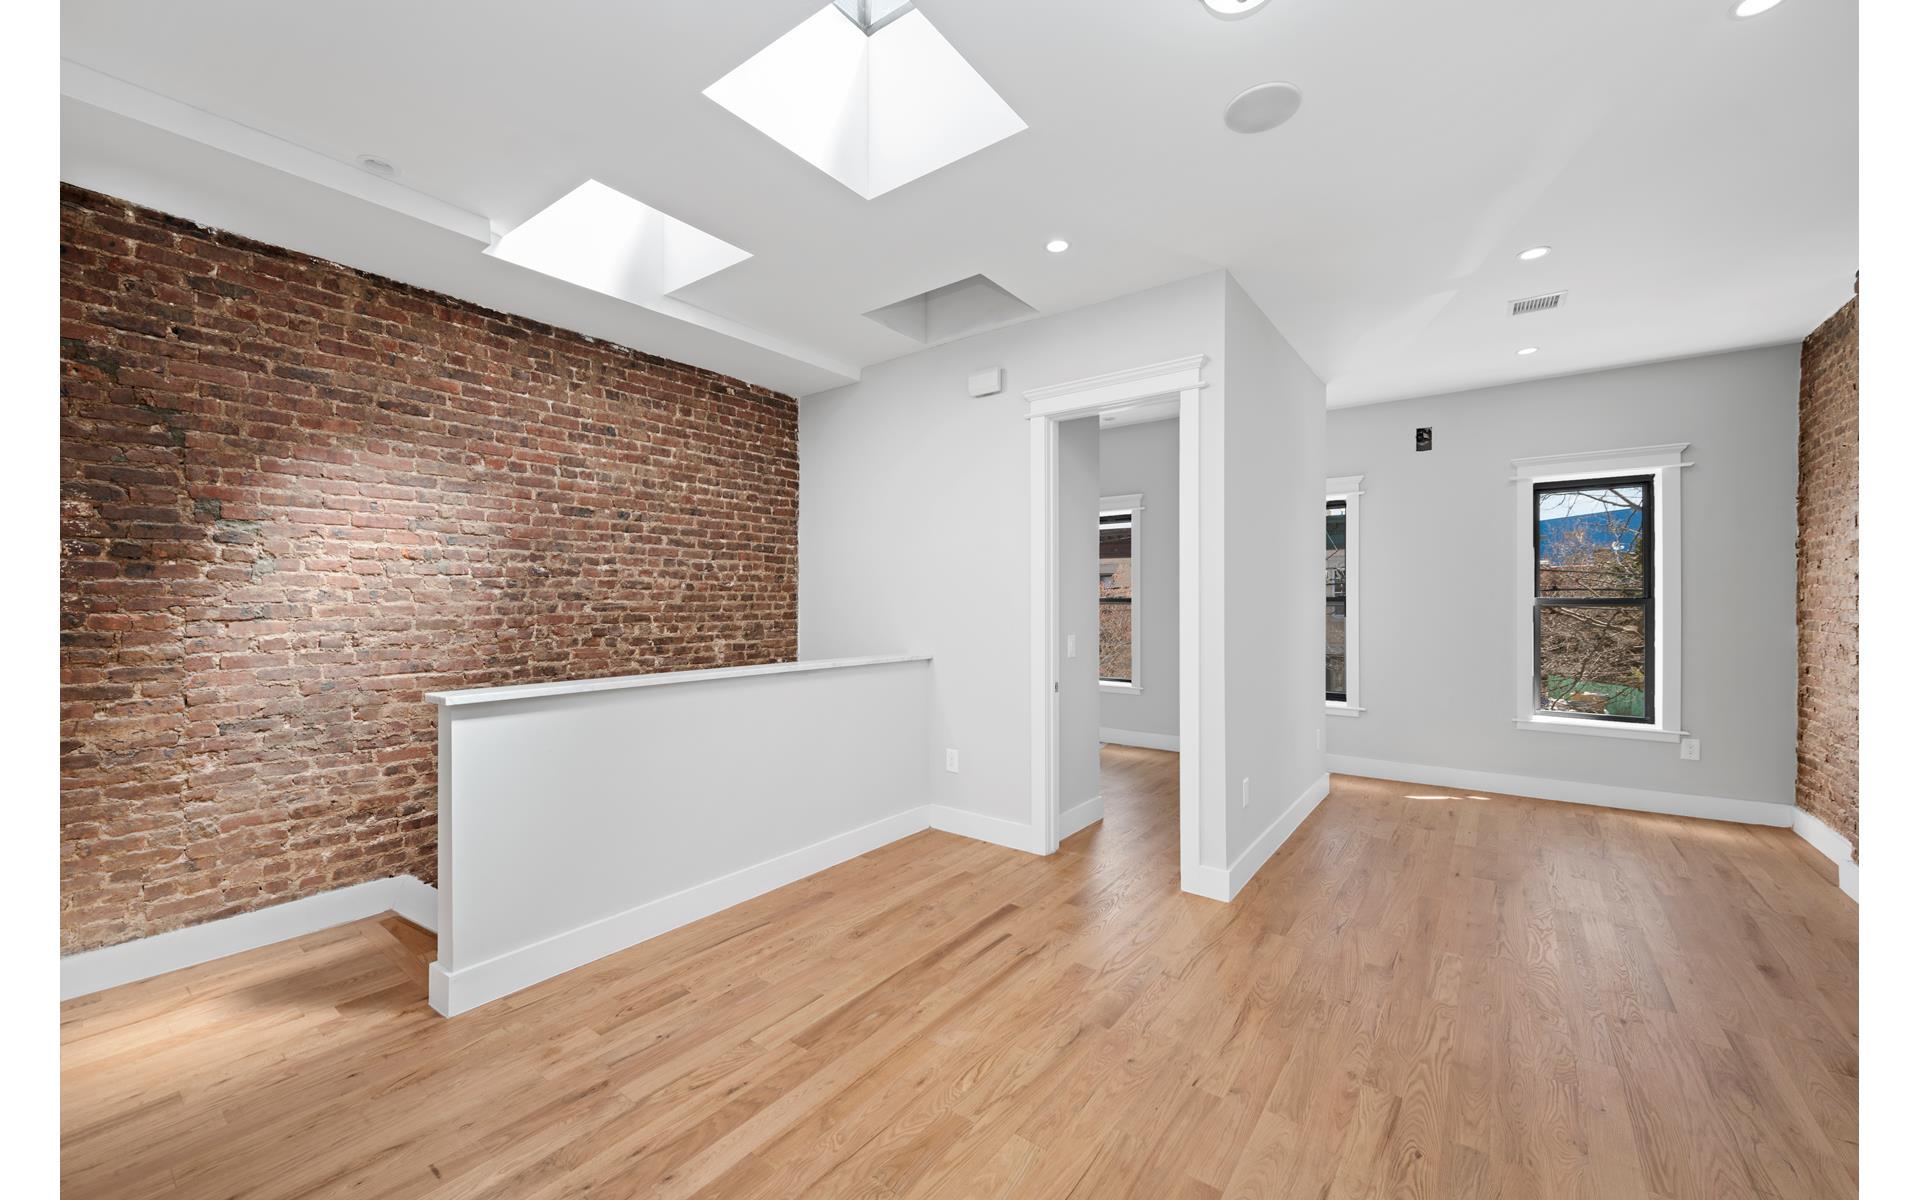 Flooring Decor Home Decorating Ideas Floor 038 Mesquite